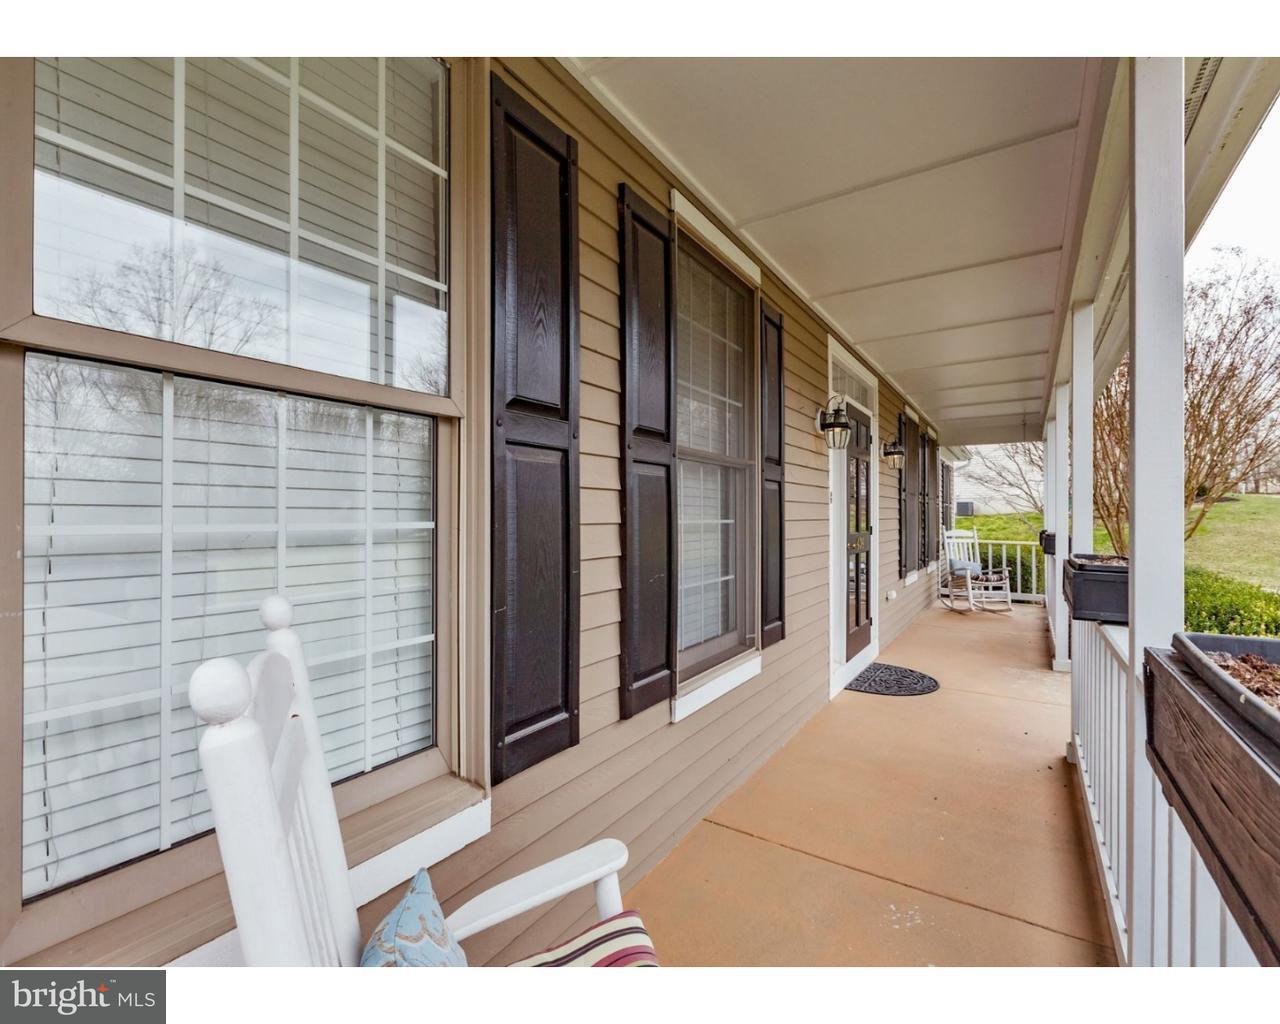 434 BUTTONWOOD RD, LANDENBERG - Listed at $495,000, LANDENBERG